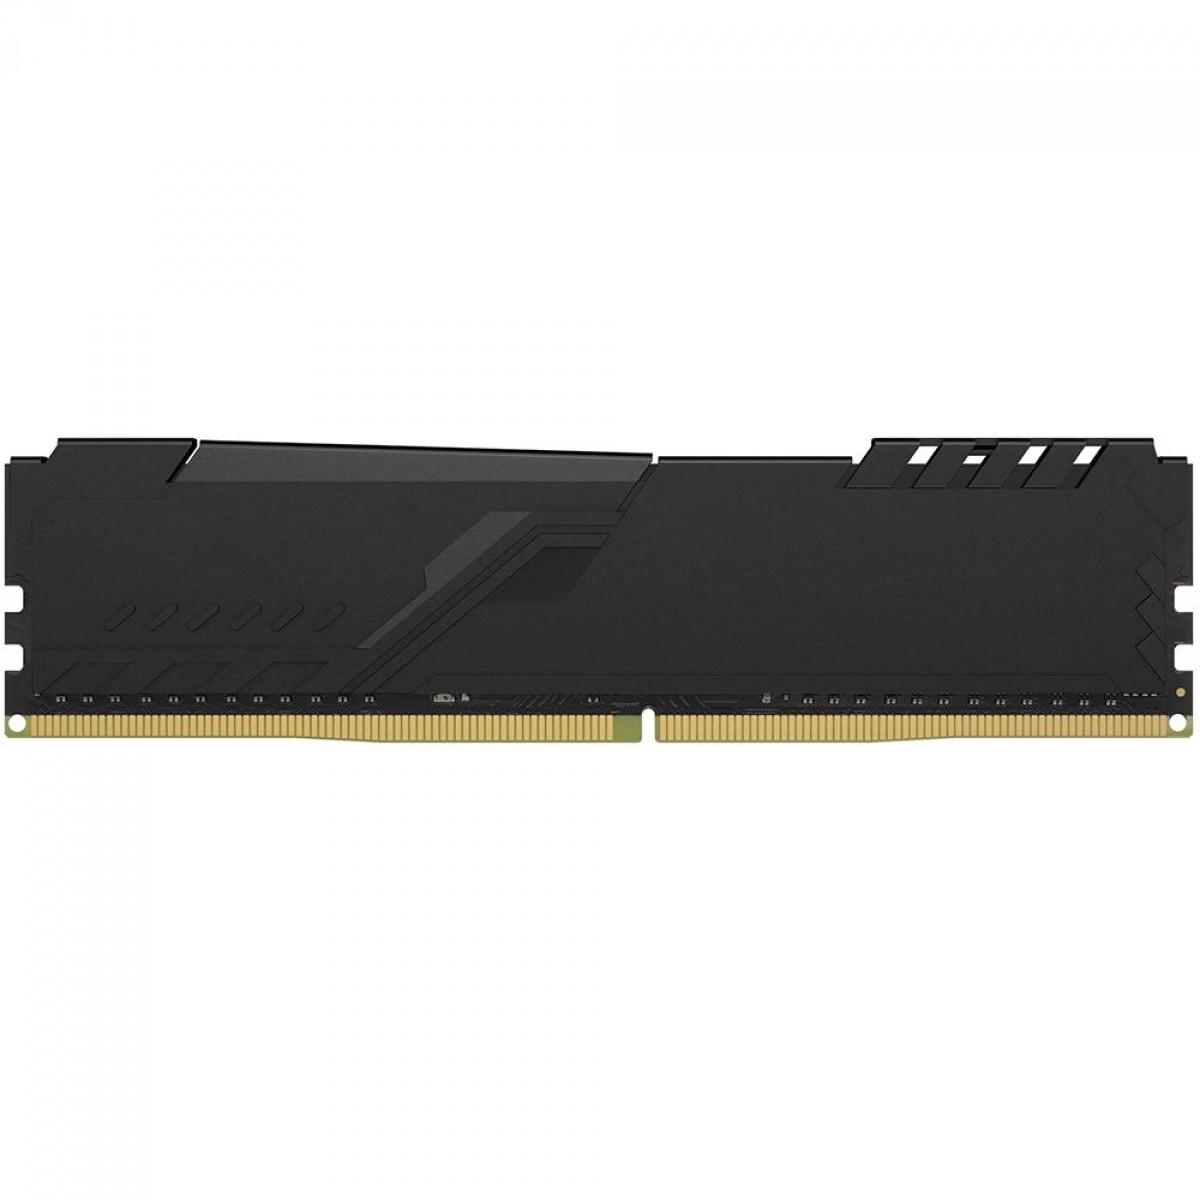 Memória DDR4 HyperX Fury, 4GB, 2400MHz, Black, HX424C15FB3/4